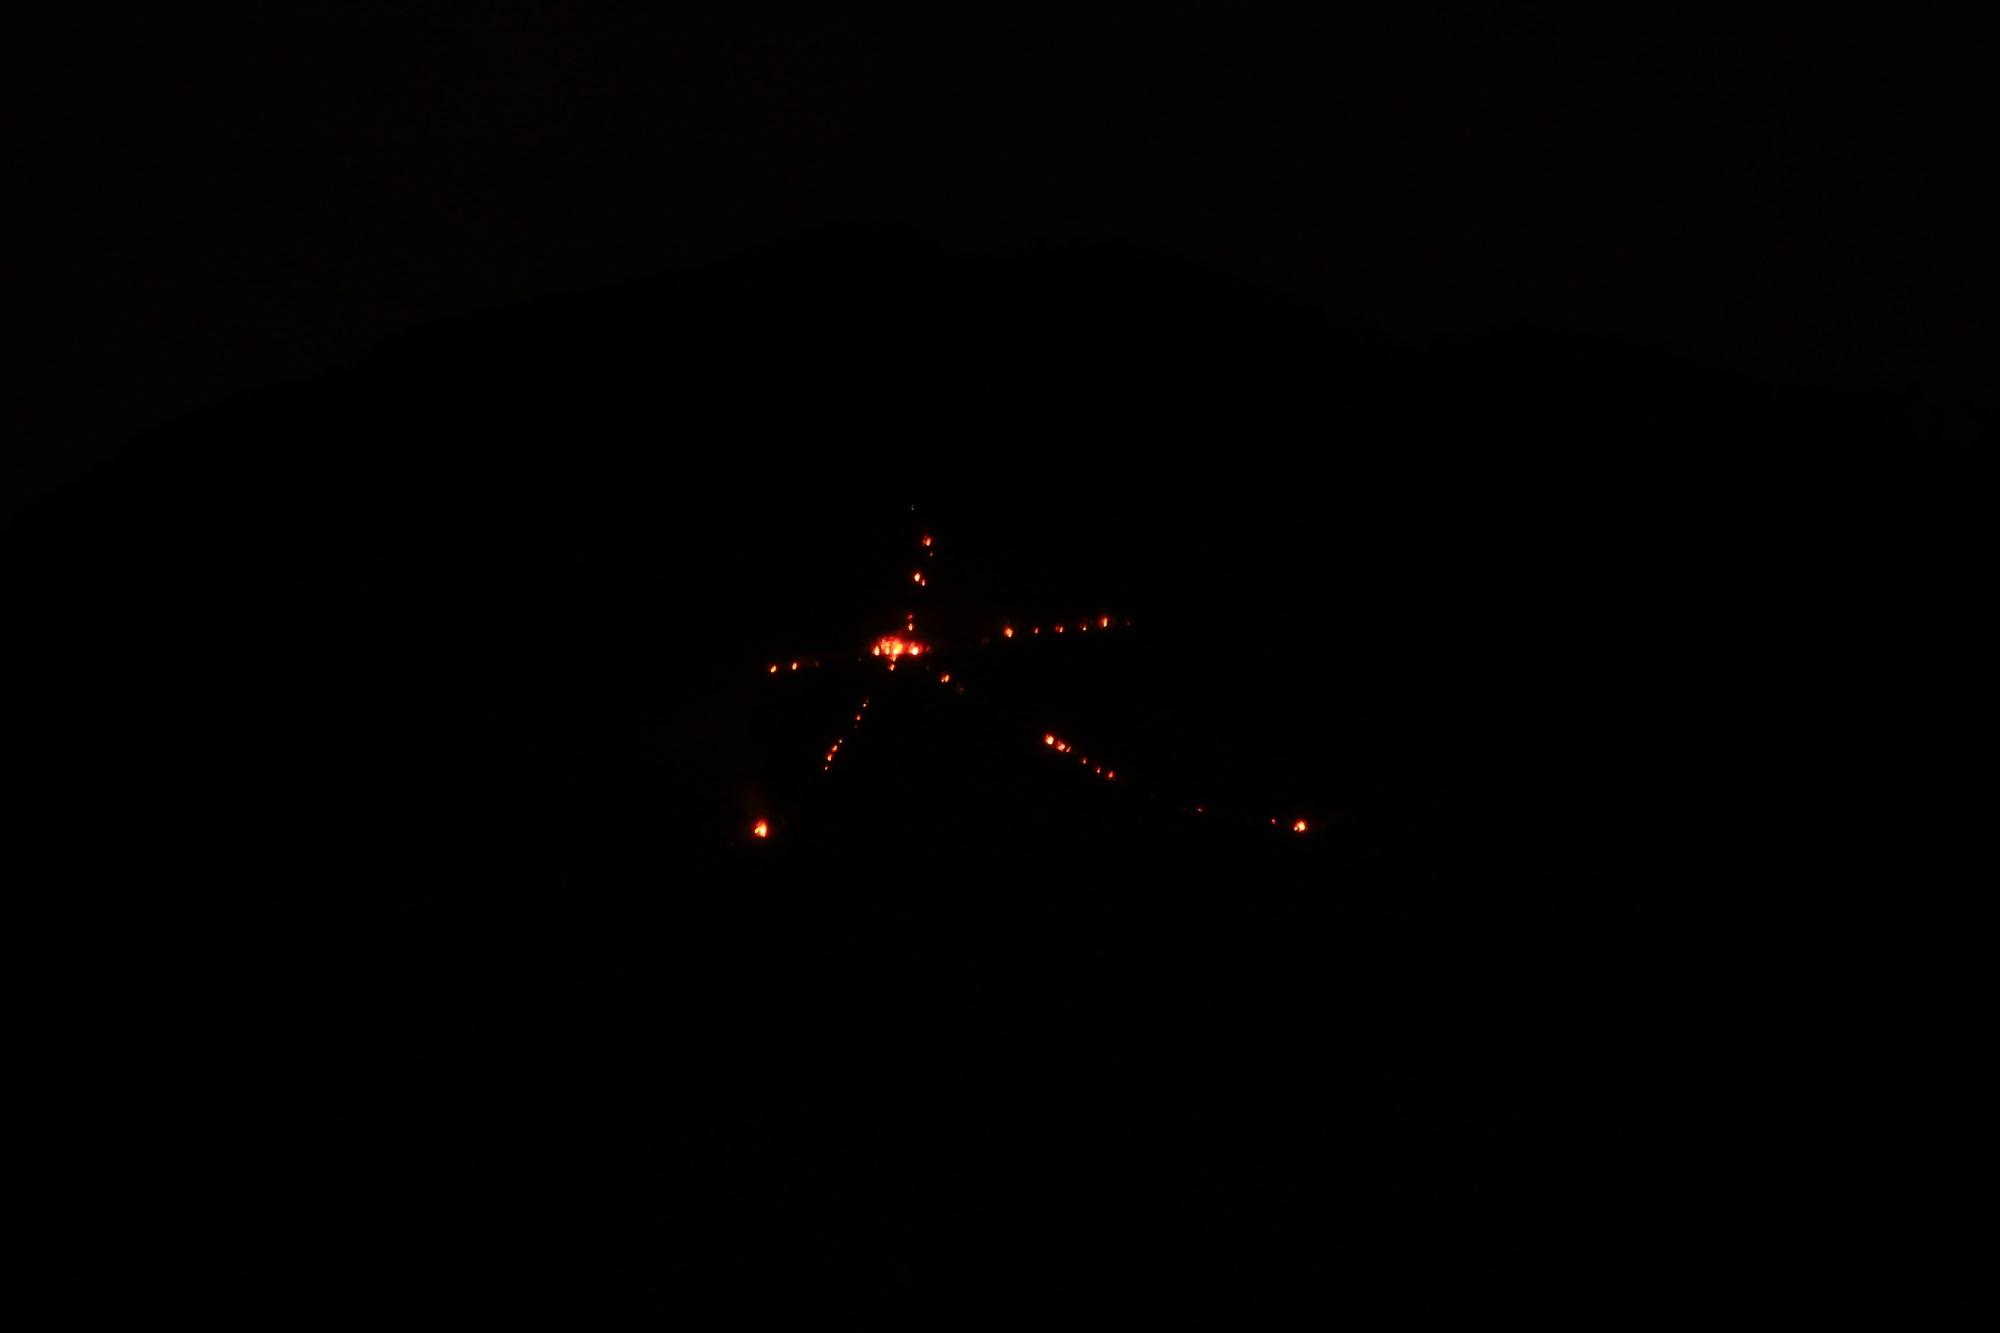 五山送り火の東山如意ケ嶽の燃え始めた大文字 2015年8月16日